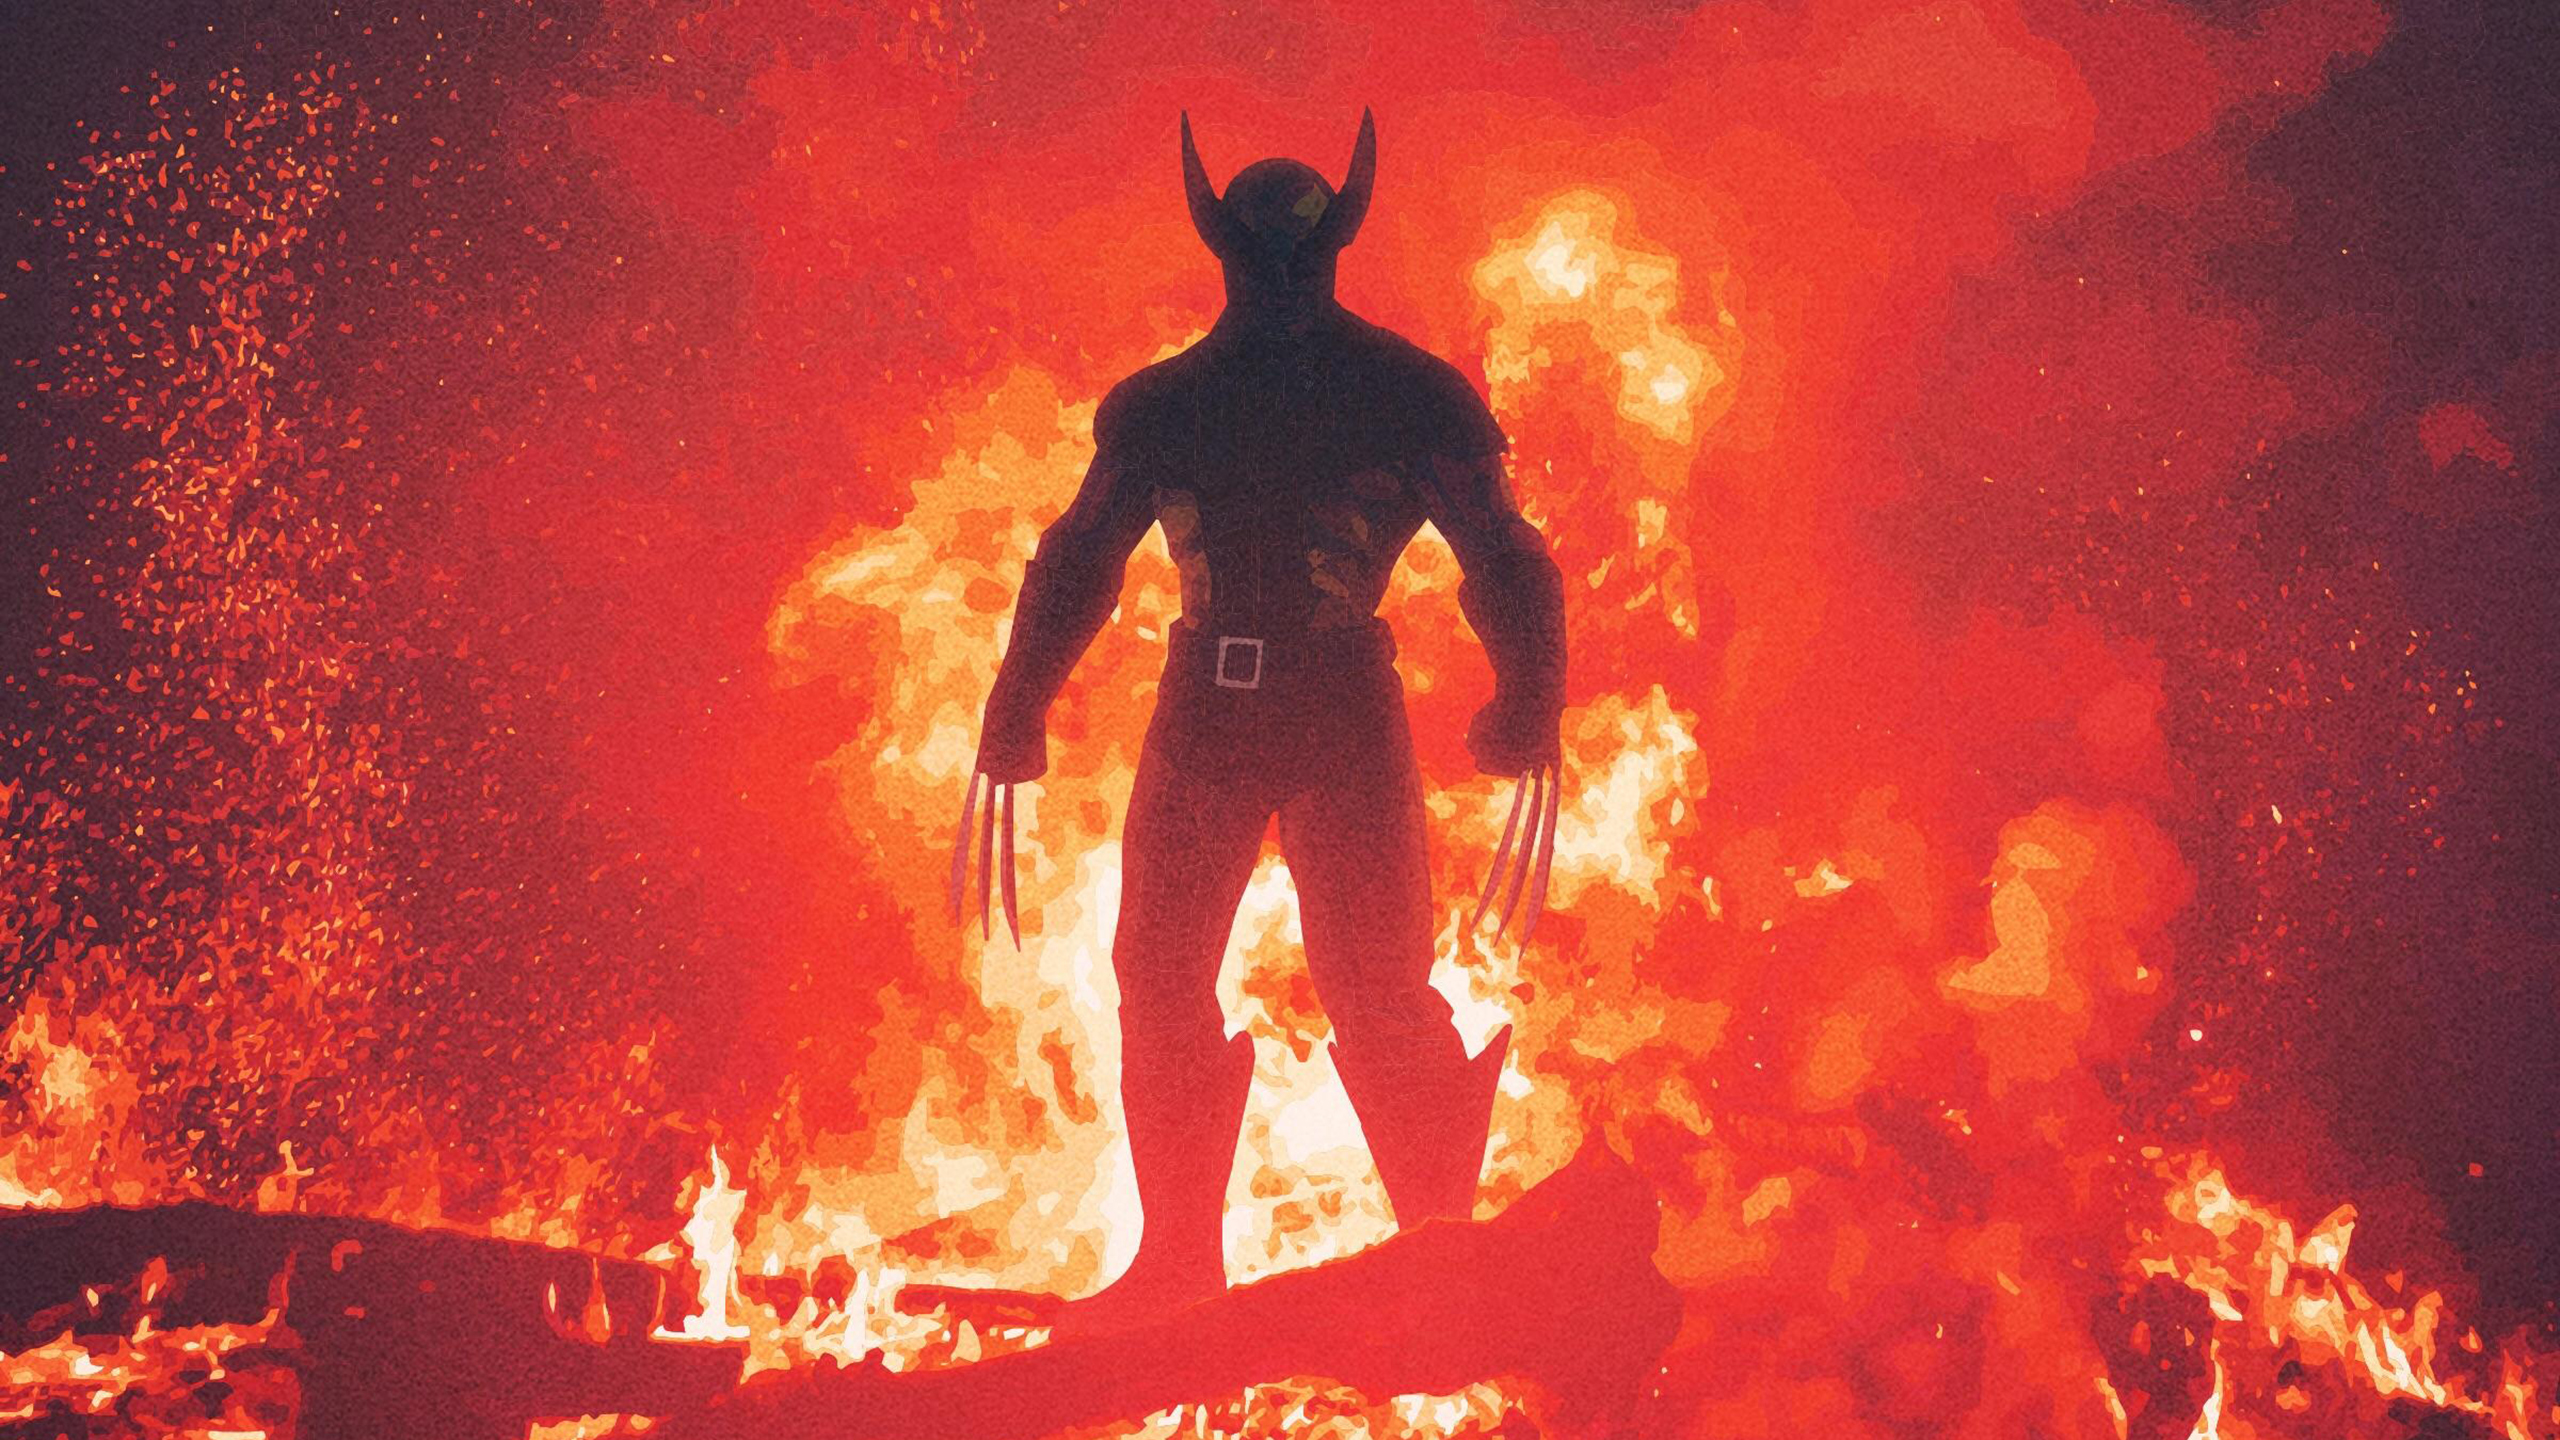 Wolverine произведения искусства обои скачать